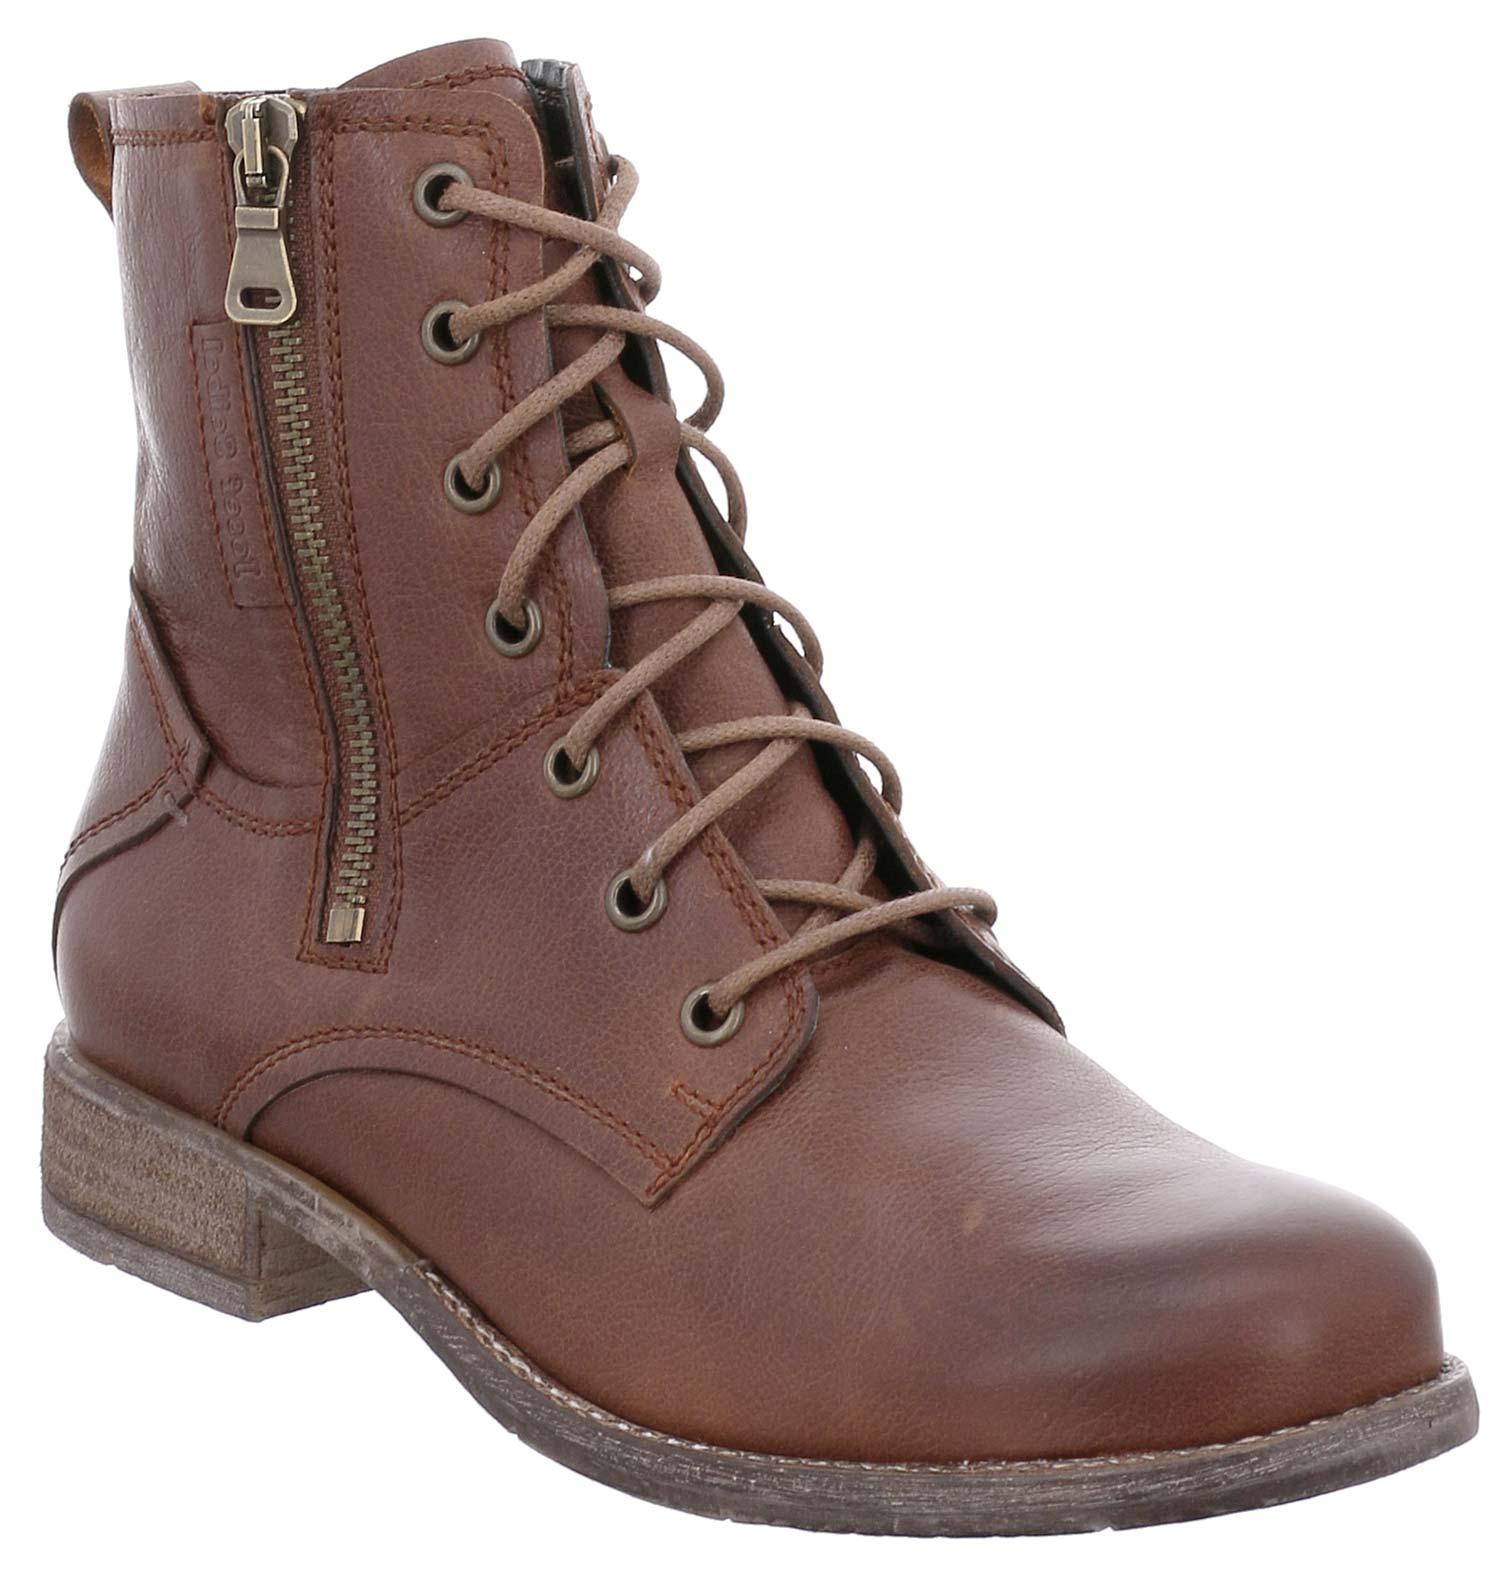 Josef Seibel Sienna señora invierno zapatos botas 99669mi123/370 marrón NUEVO